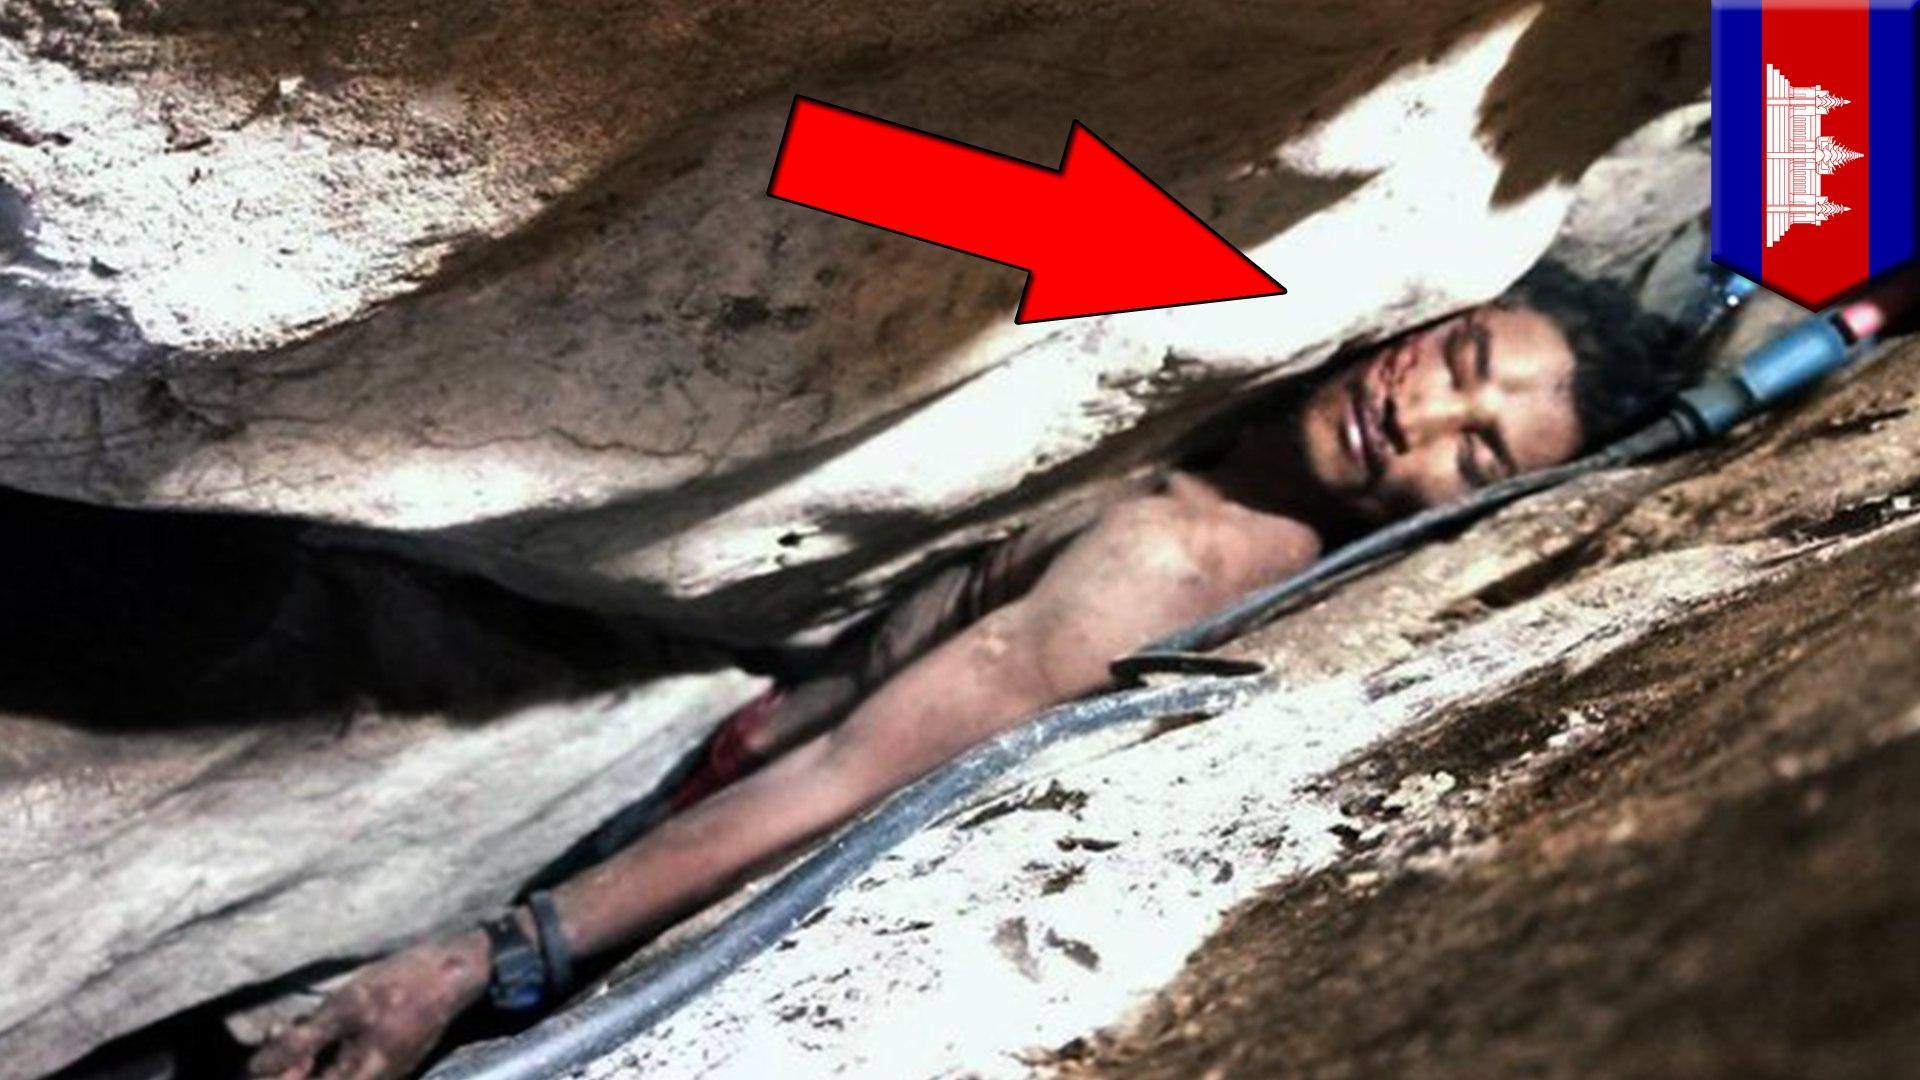 Pria Kamboja terjepit diantara batu dalam gua selama 4 hari - TomoNews